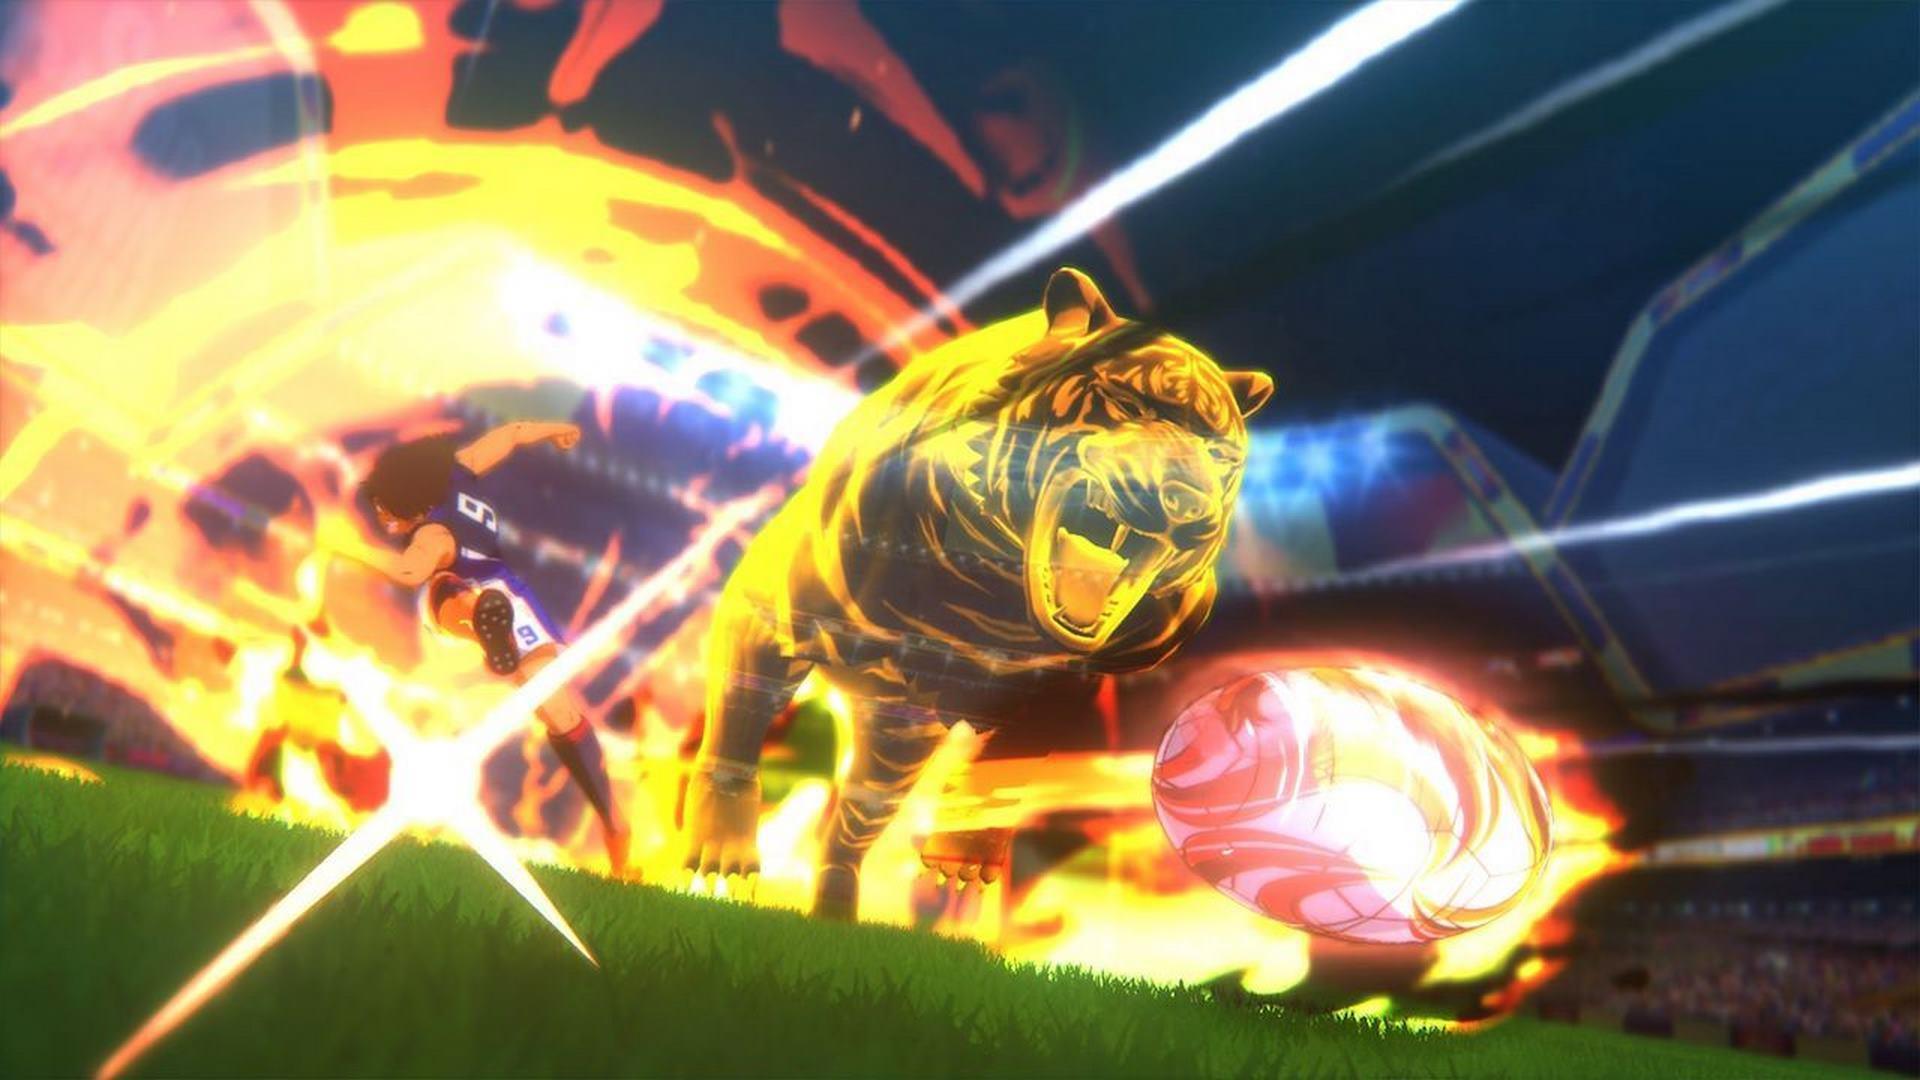 نقد و بررسی بازی Captain Tsubasa Rise Of The New Champions 25